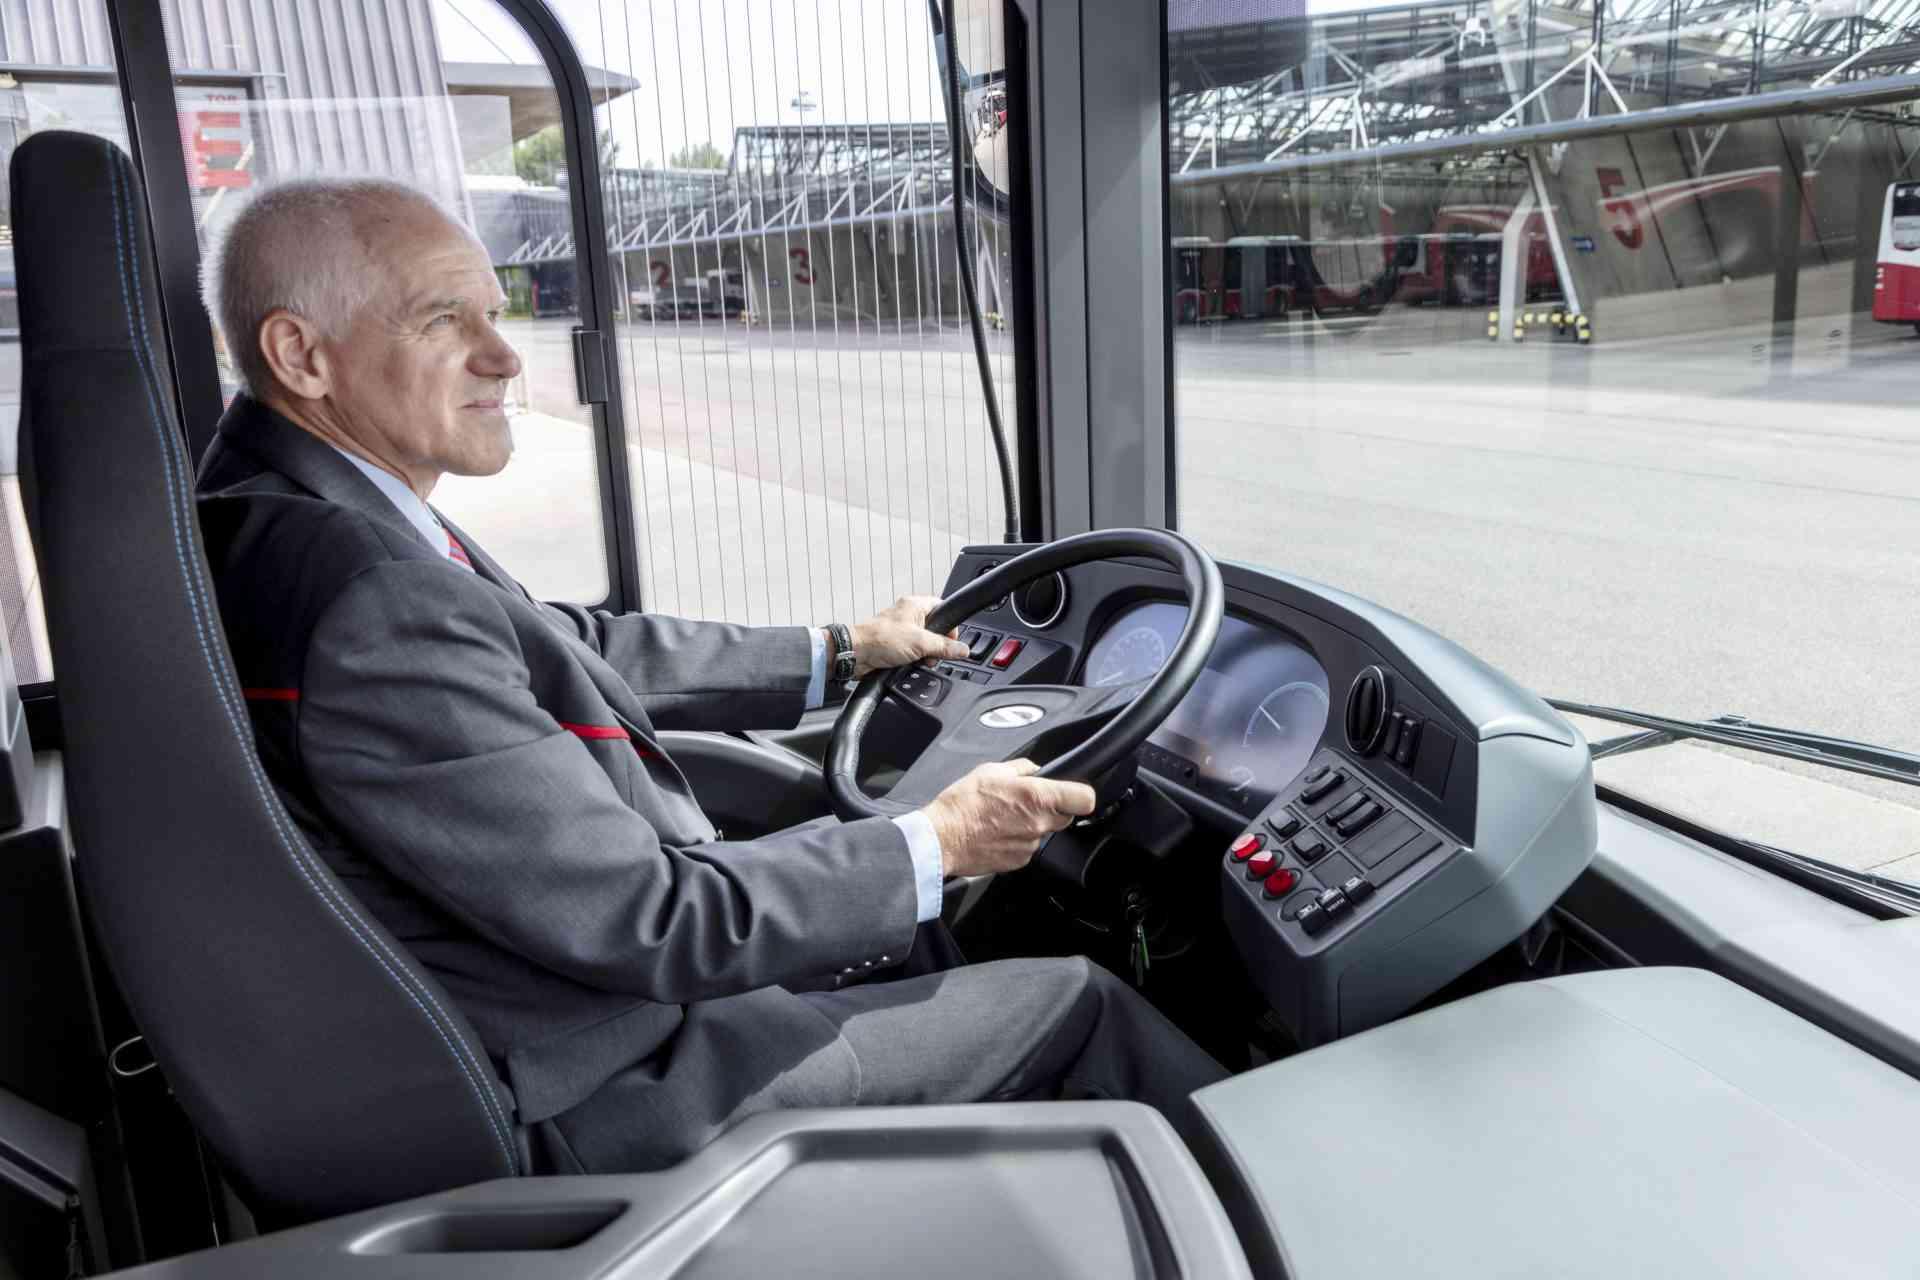 Wasserstoffbus Leopoldau präsentation Busfahrer